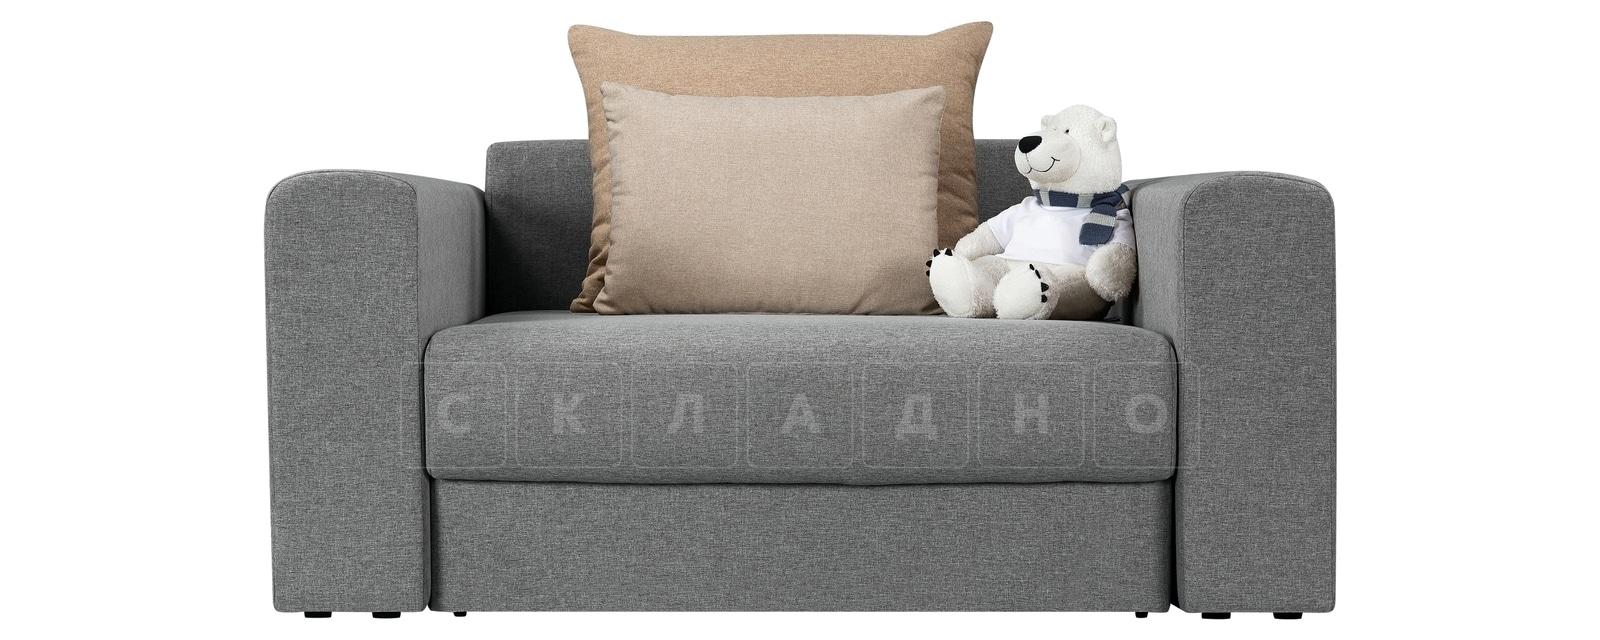 Кресло Медисон 100 см серого цвета фото 2 | интернет-магазин Складно